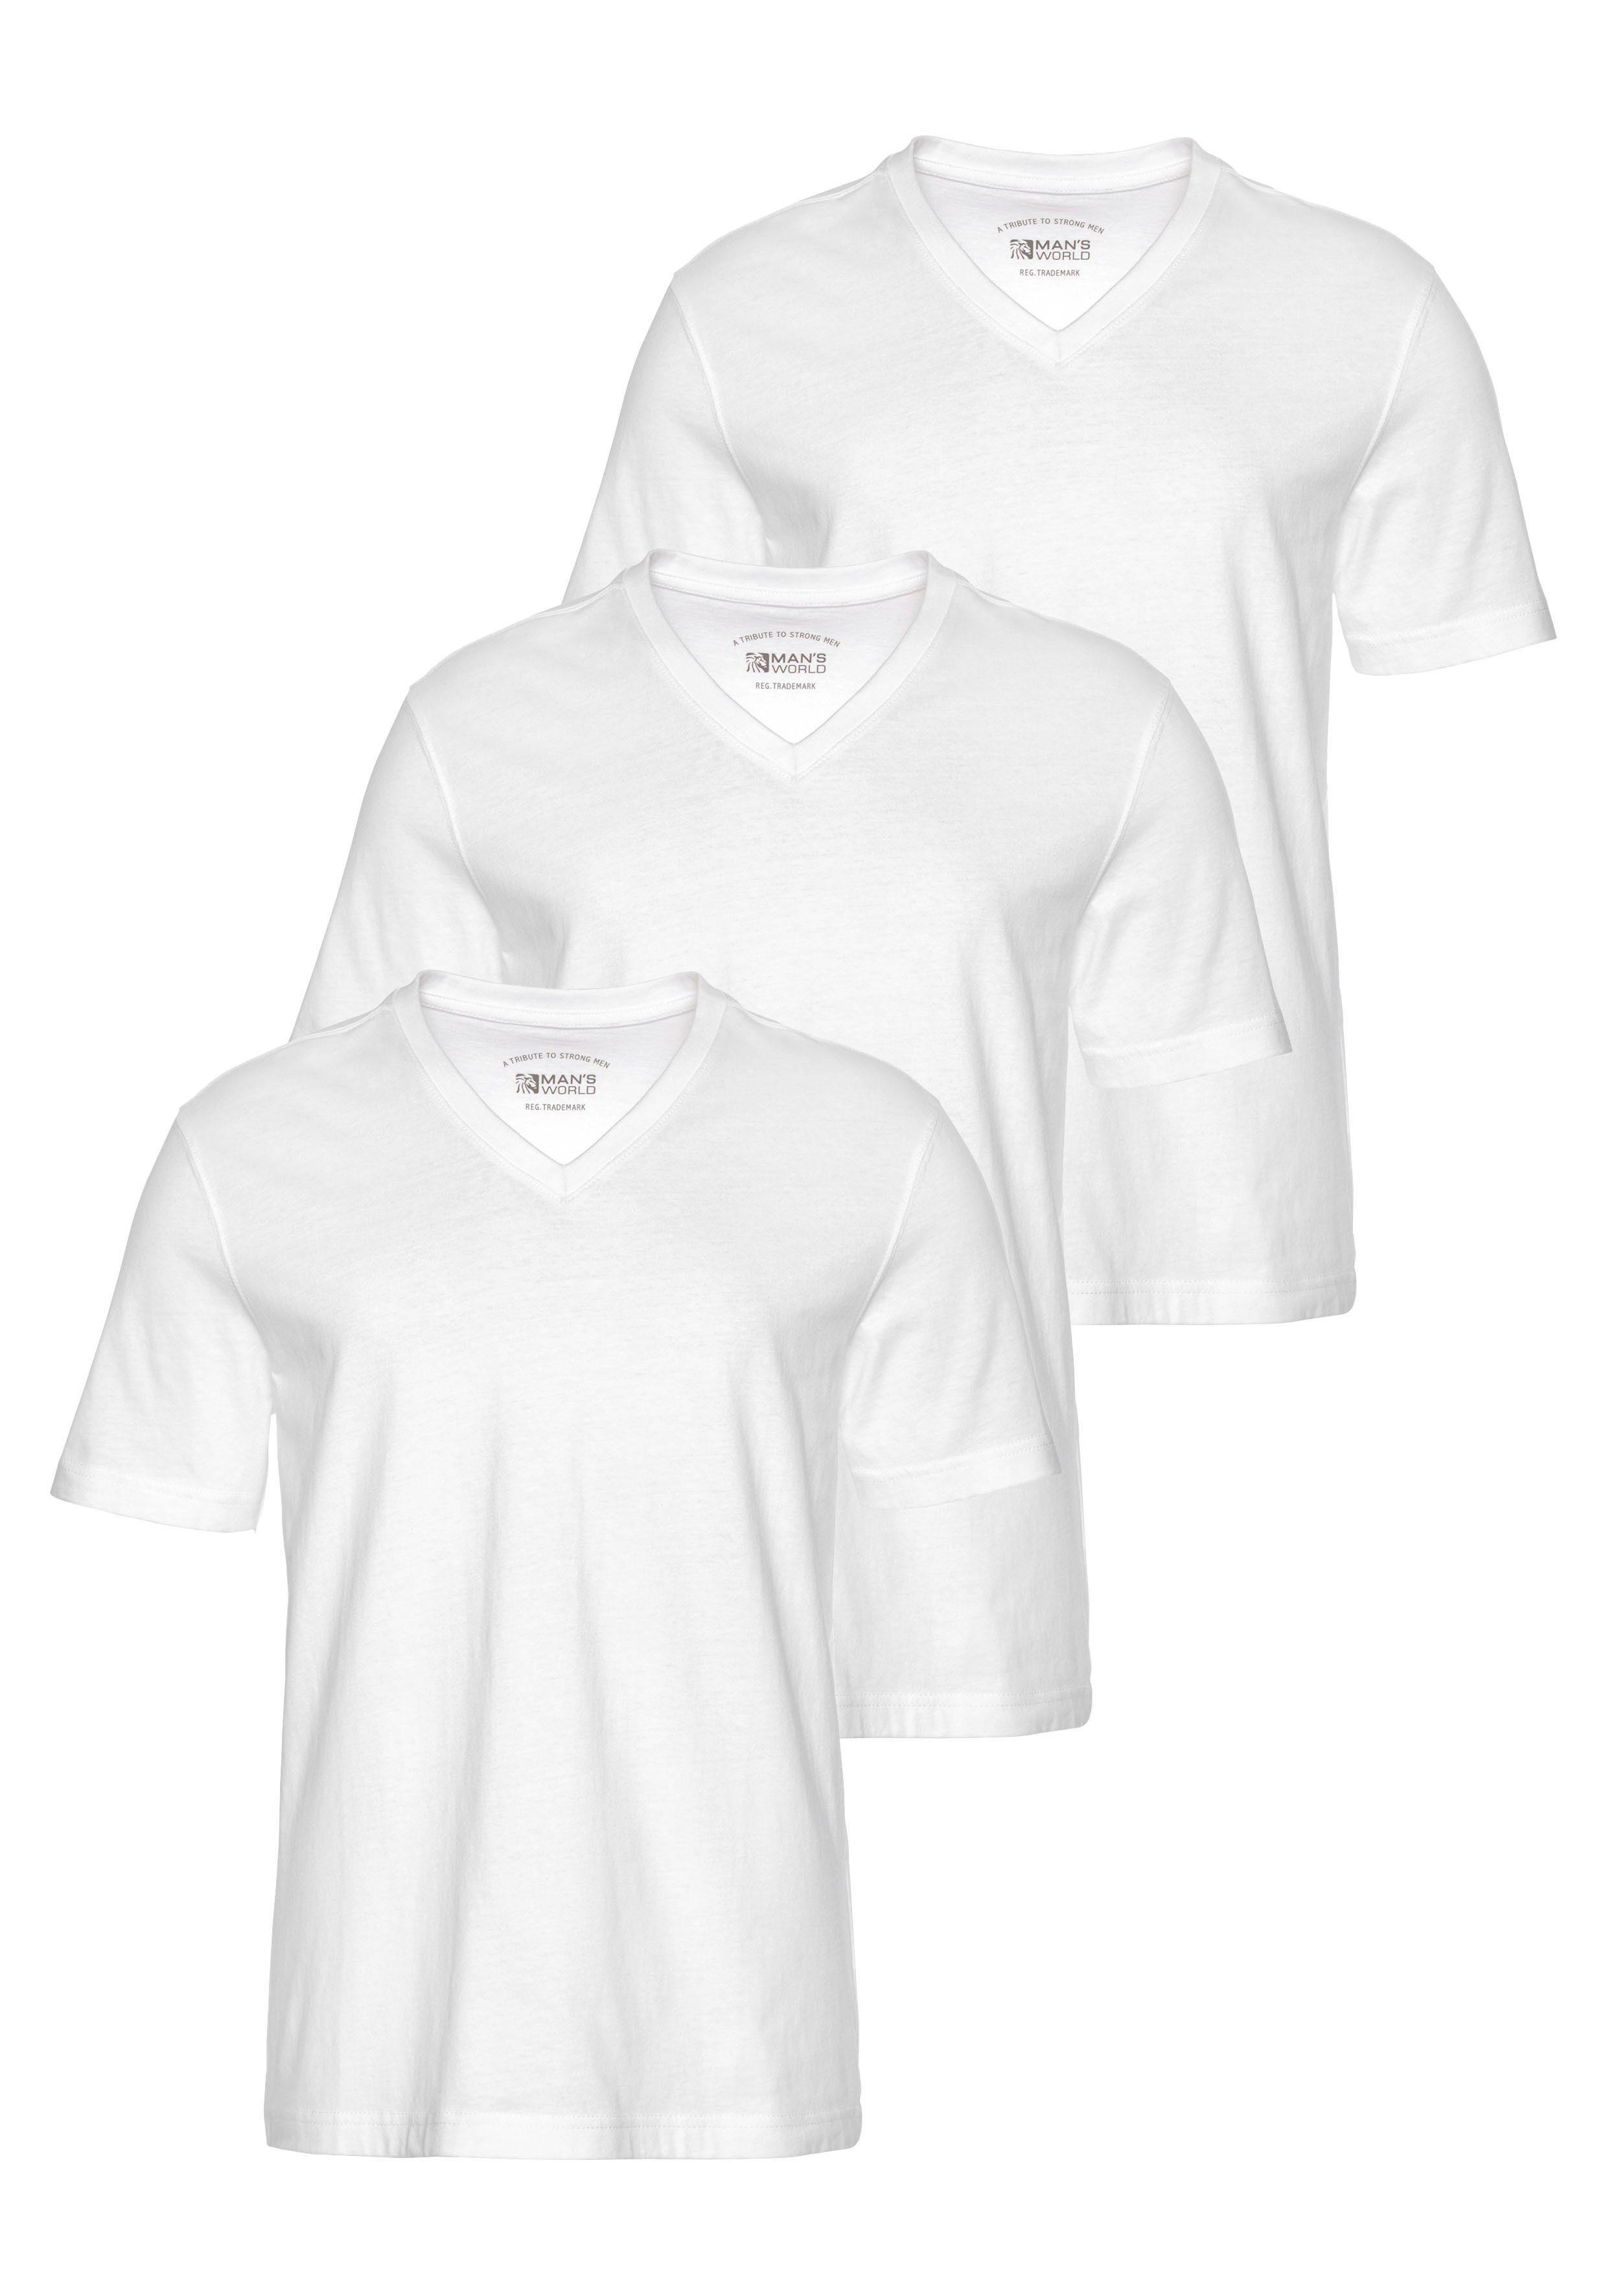 V hals t shirts voor heren in vele kleuren koop je online